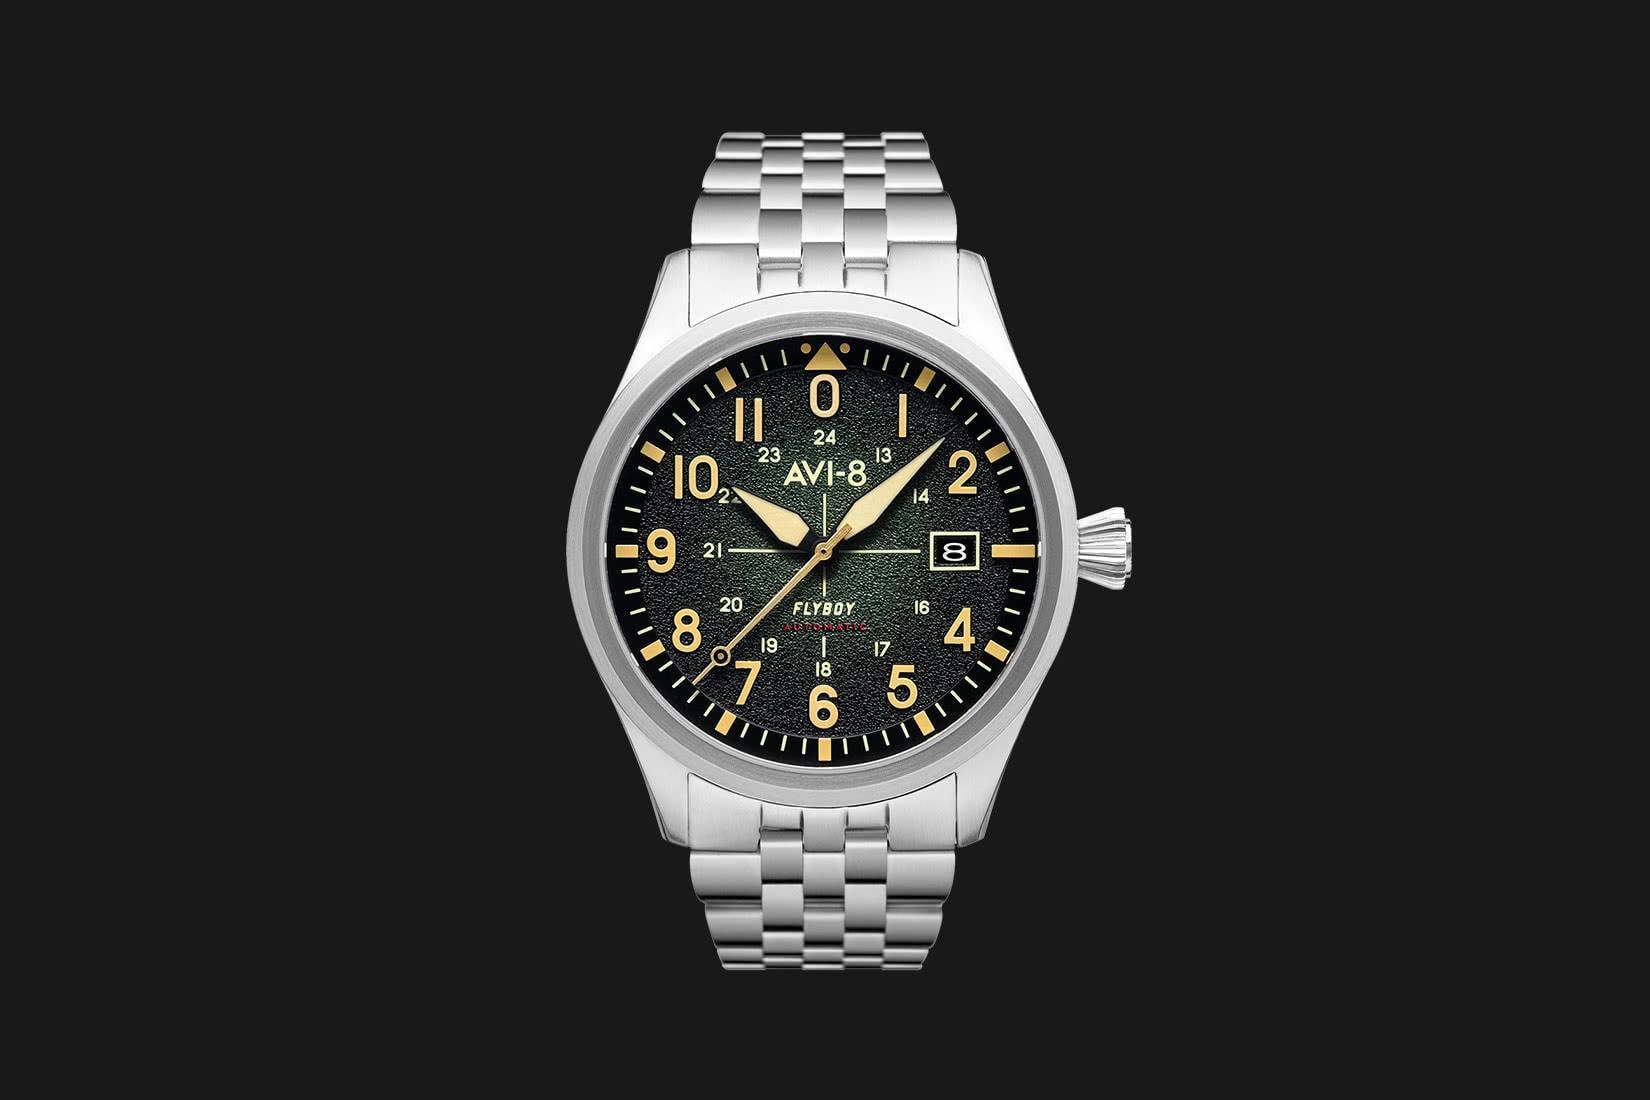 best men watches avi-8 flyboy review - Luxe Digital